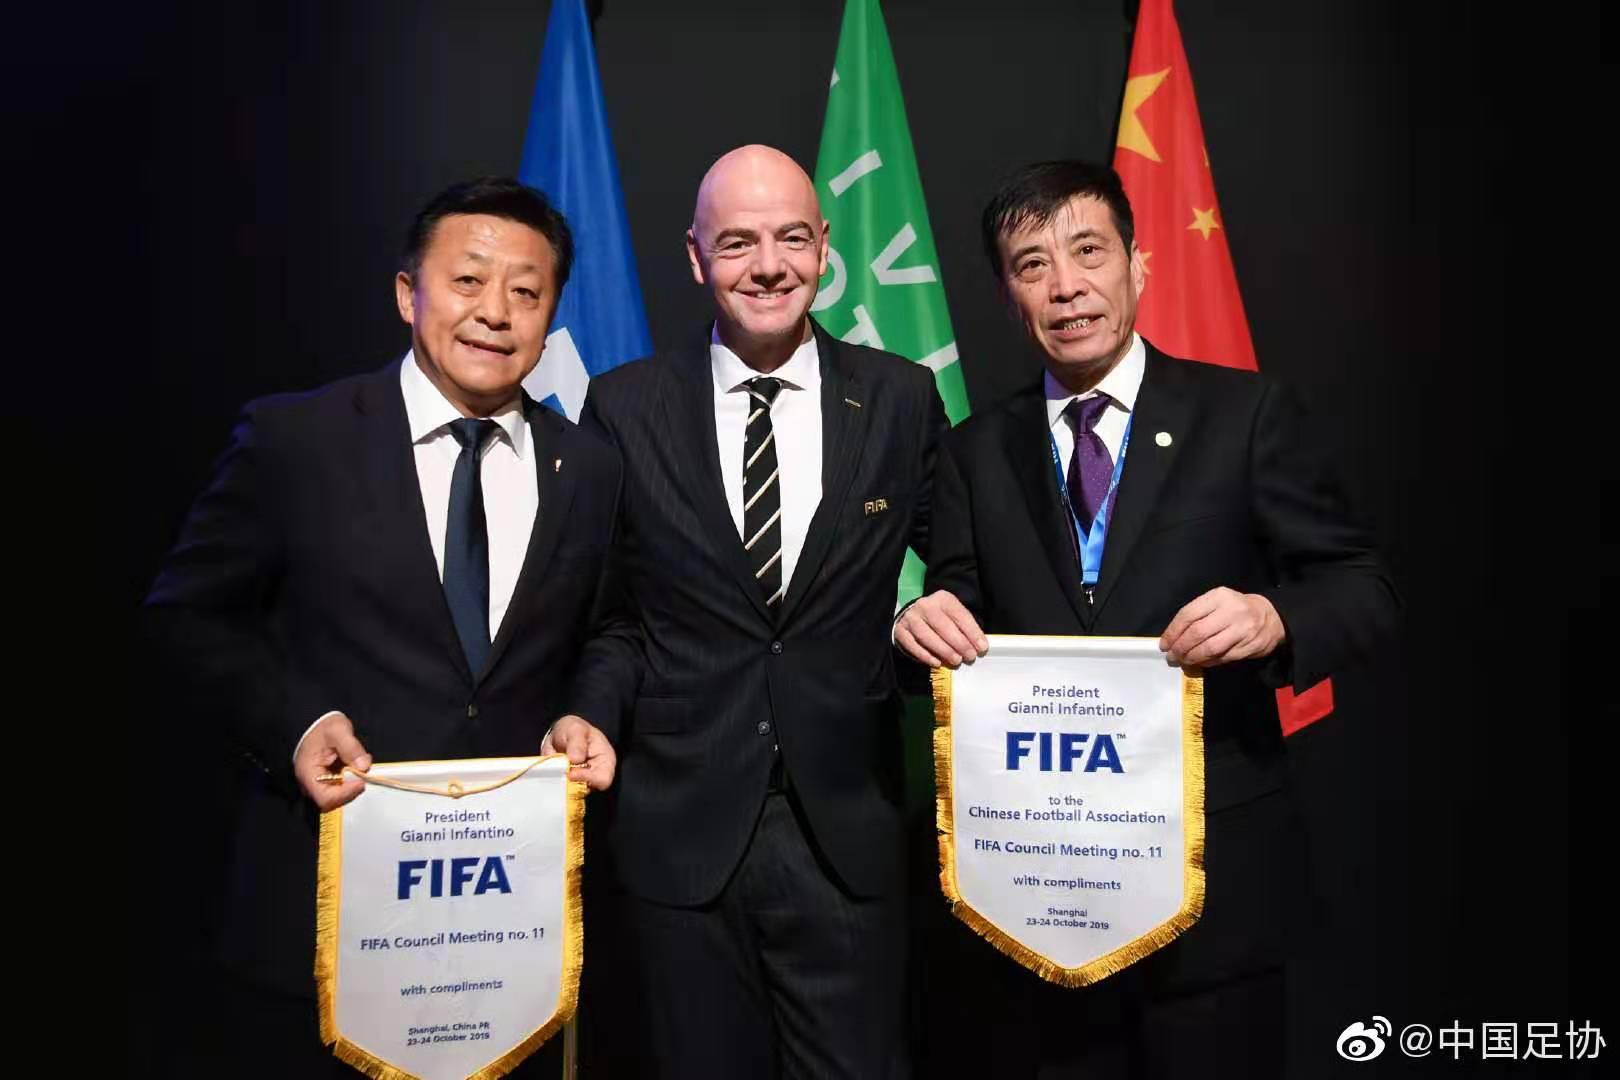 中国世俱杯可能推迟至2022或2023 为欧洲杯让路